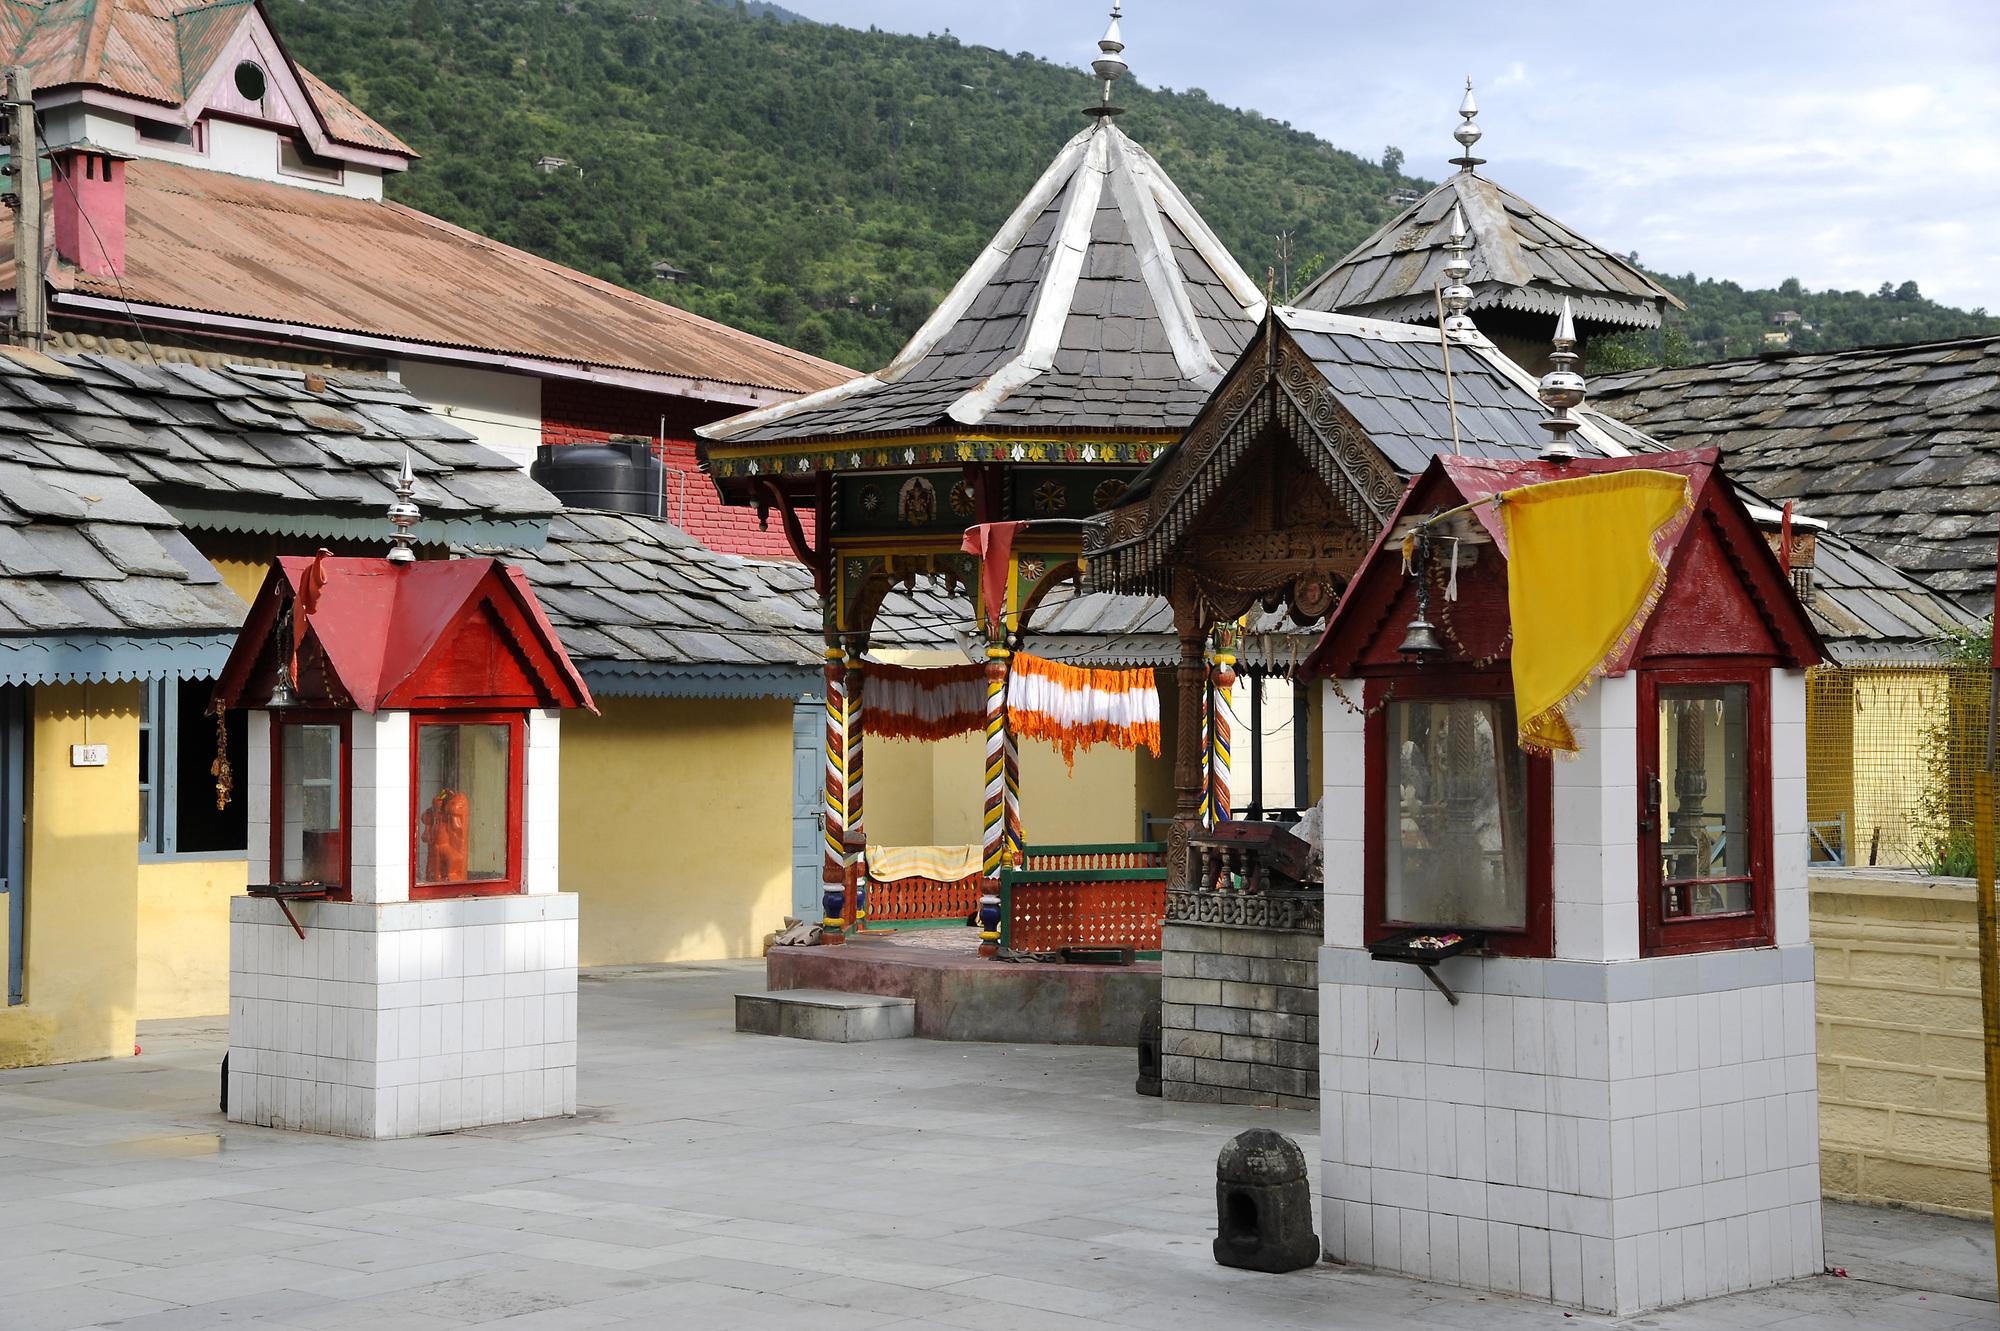 Raghunath Temple-kullu-Trvldy.com